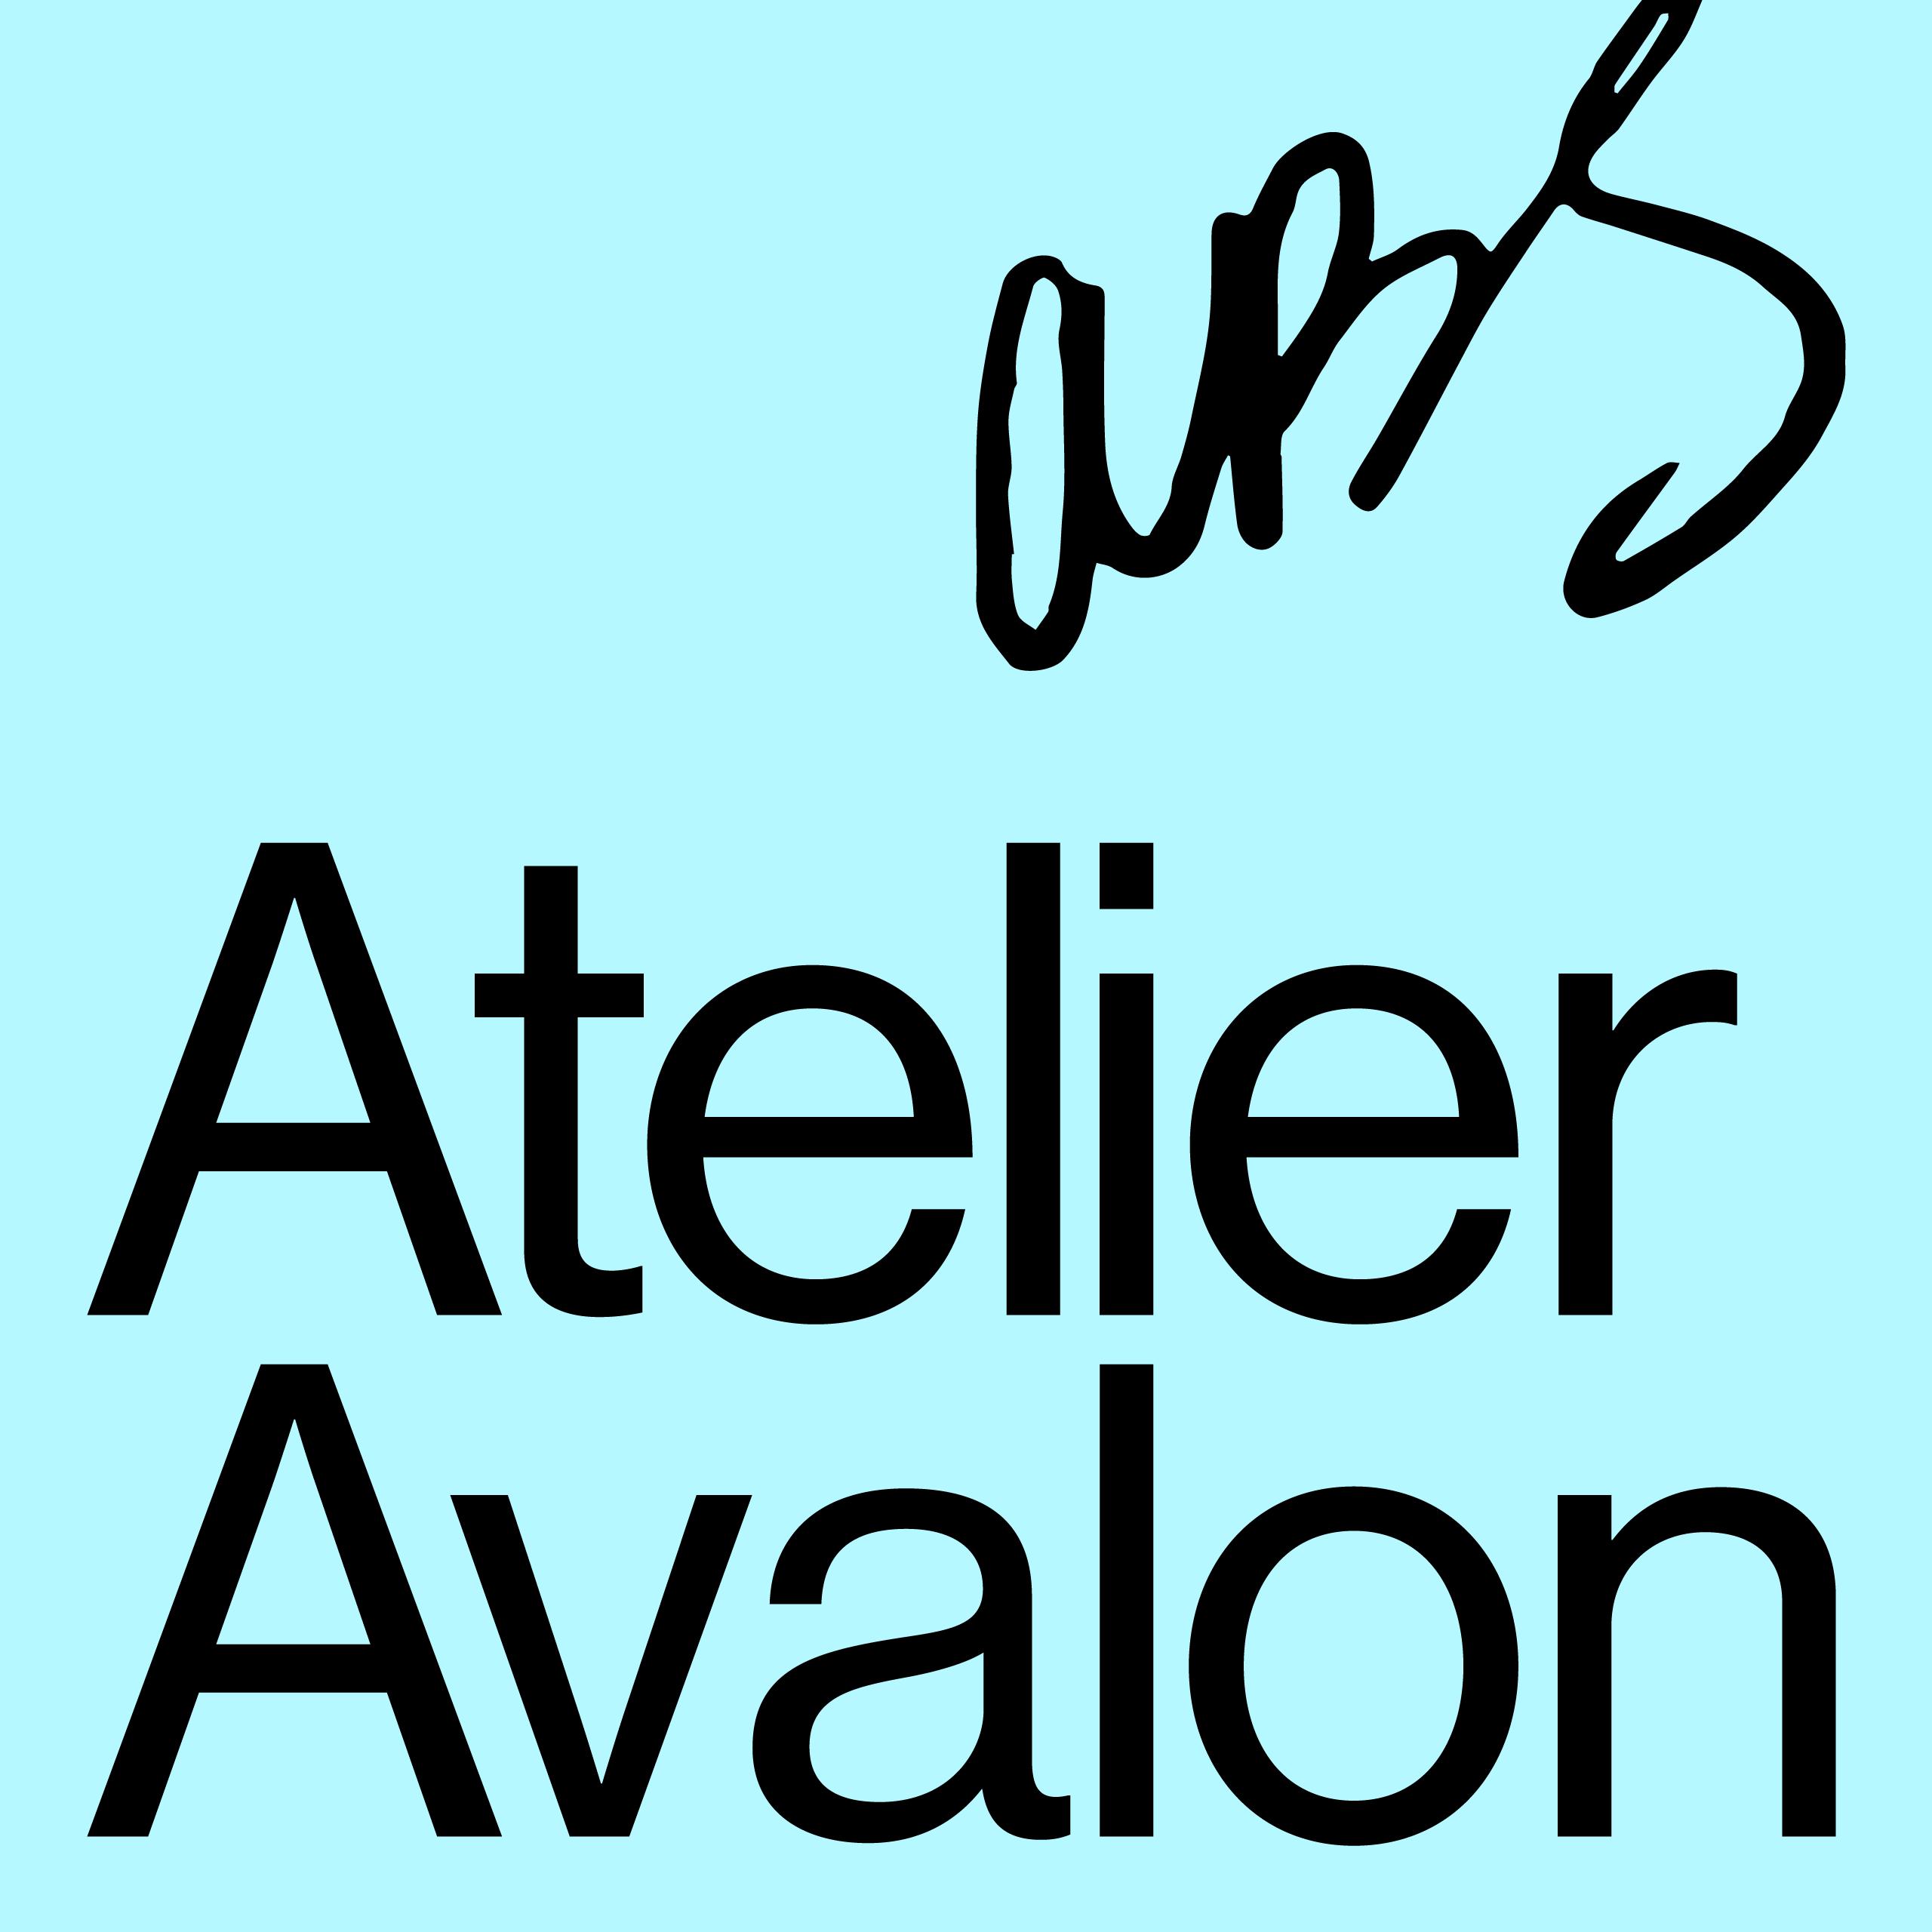 AvaArtLogo-r1v1